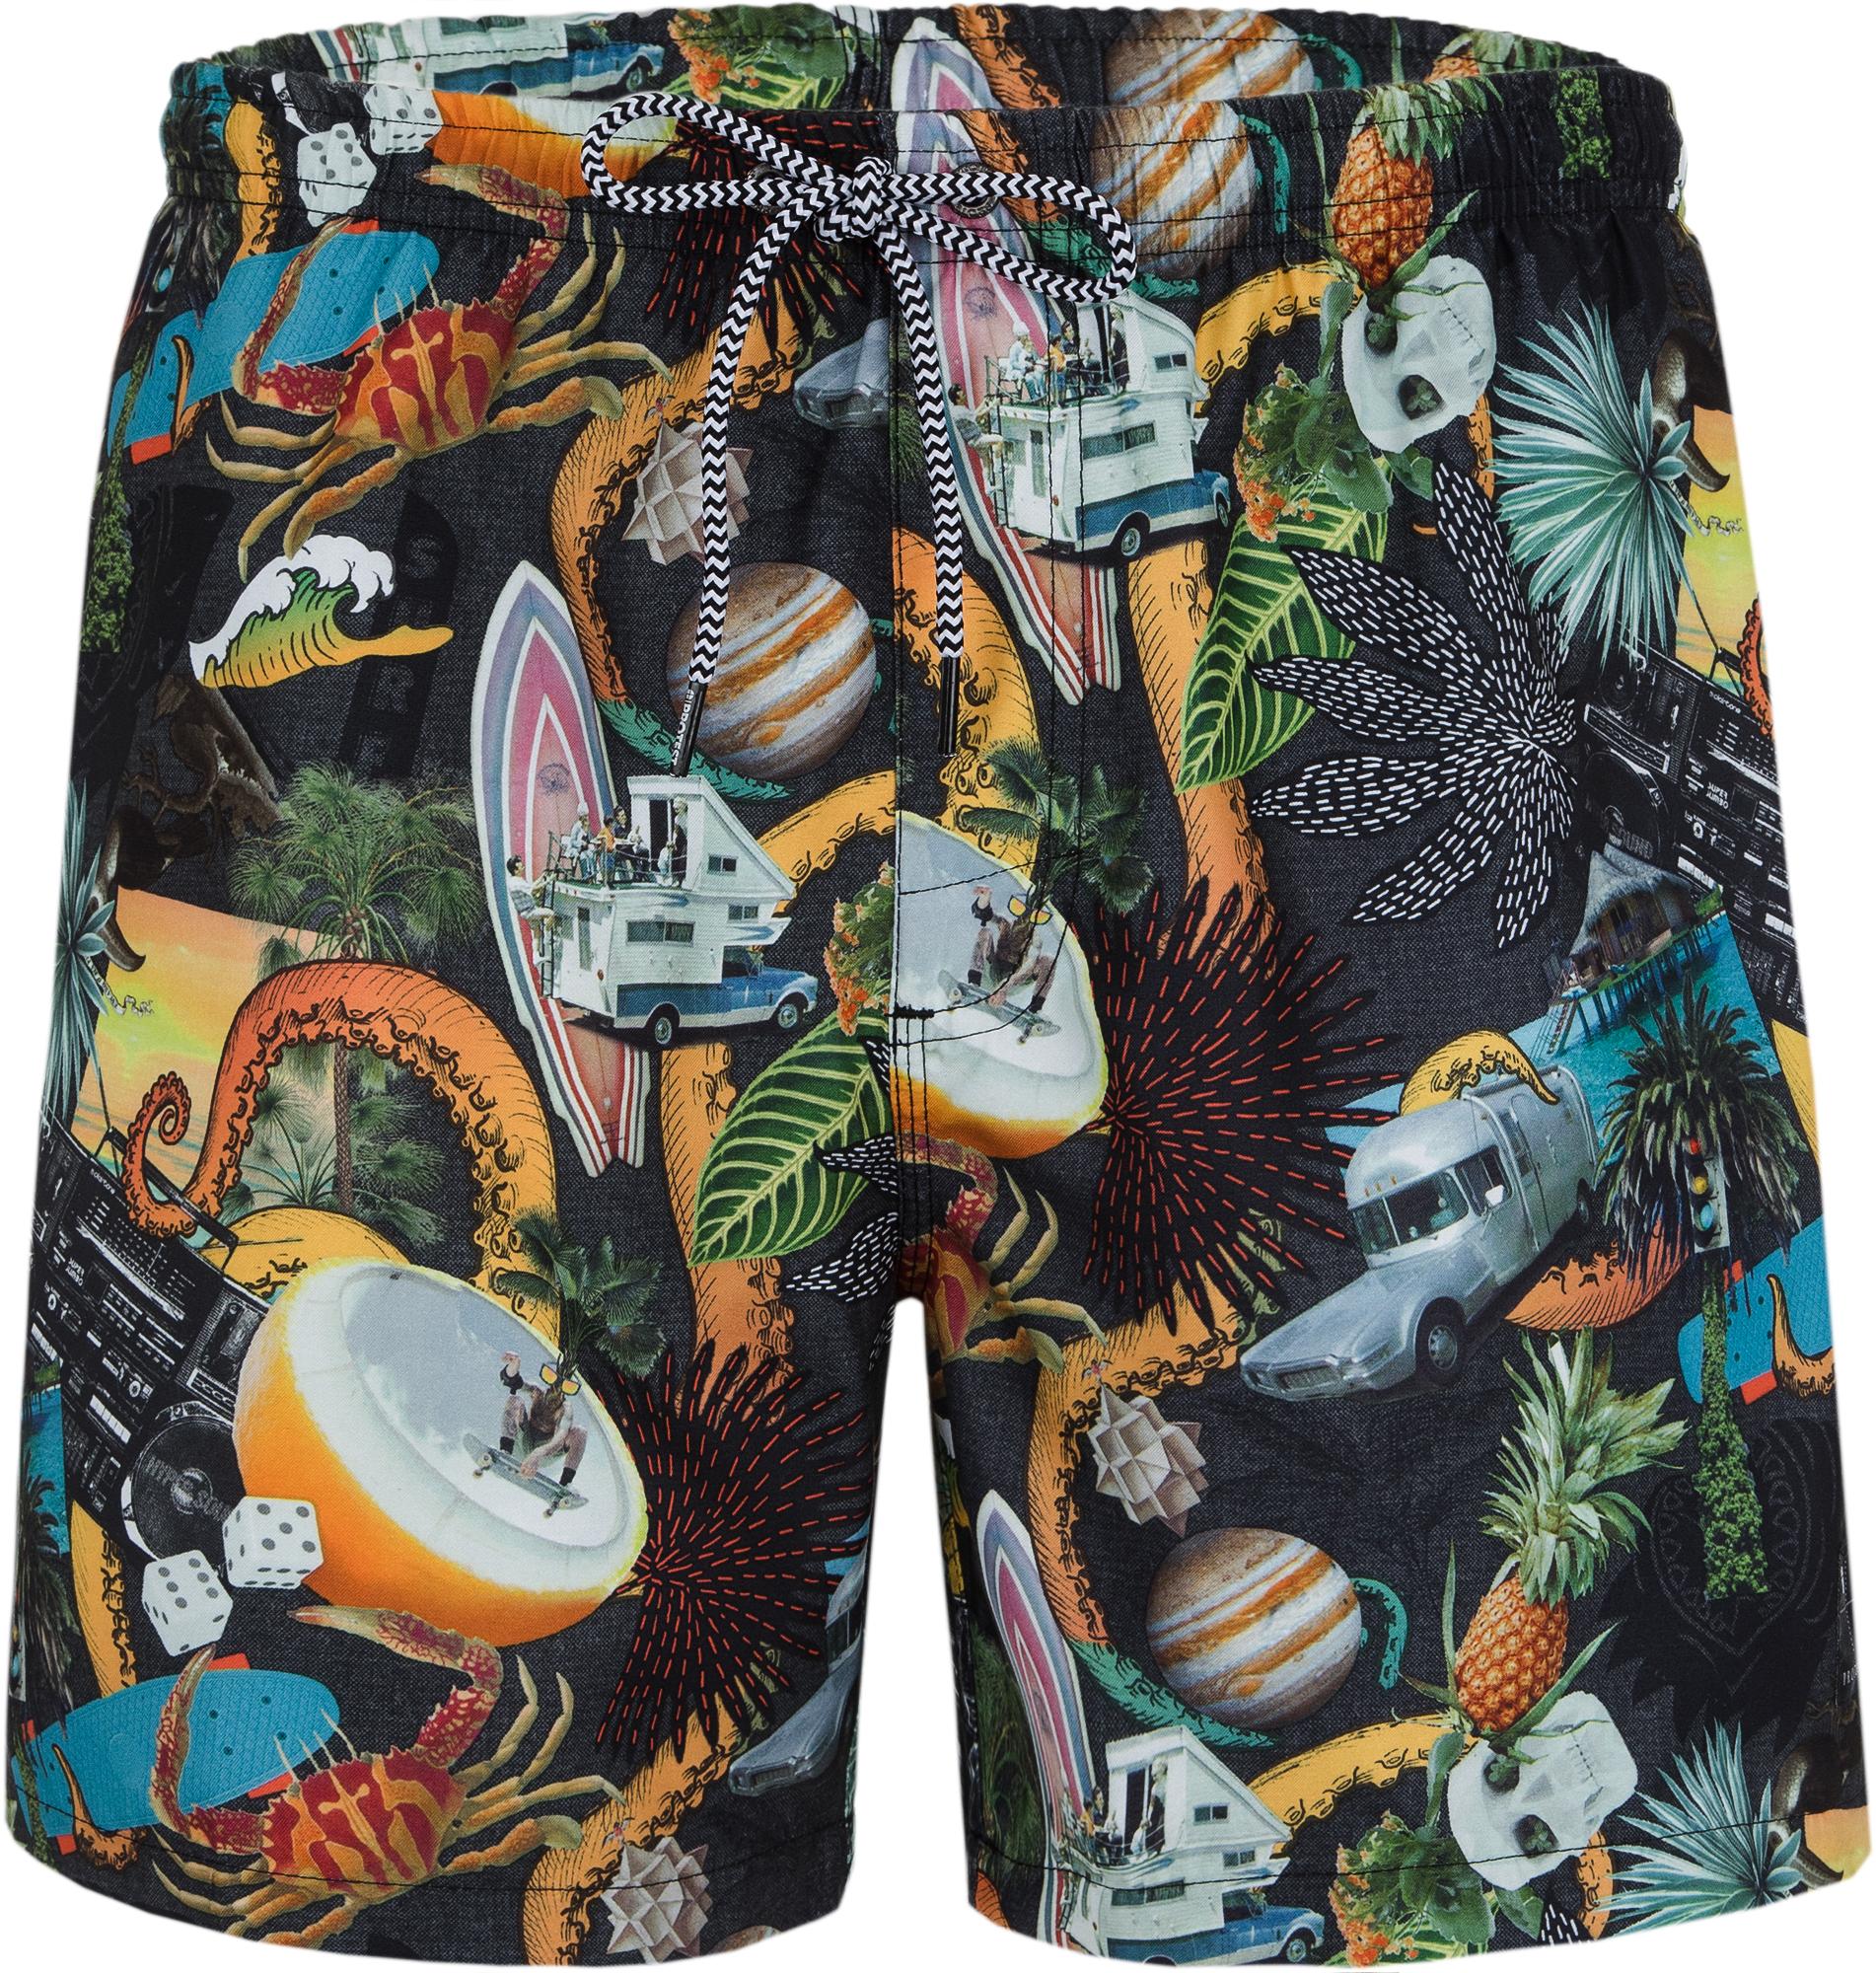 купить Protest Шорты пляжные мужские Protest Niles, размер 46-48 по цене 1149 рублей